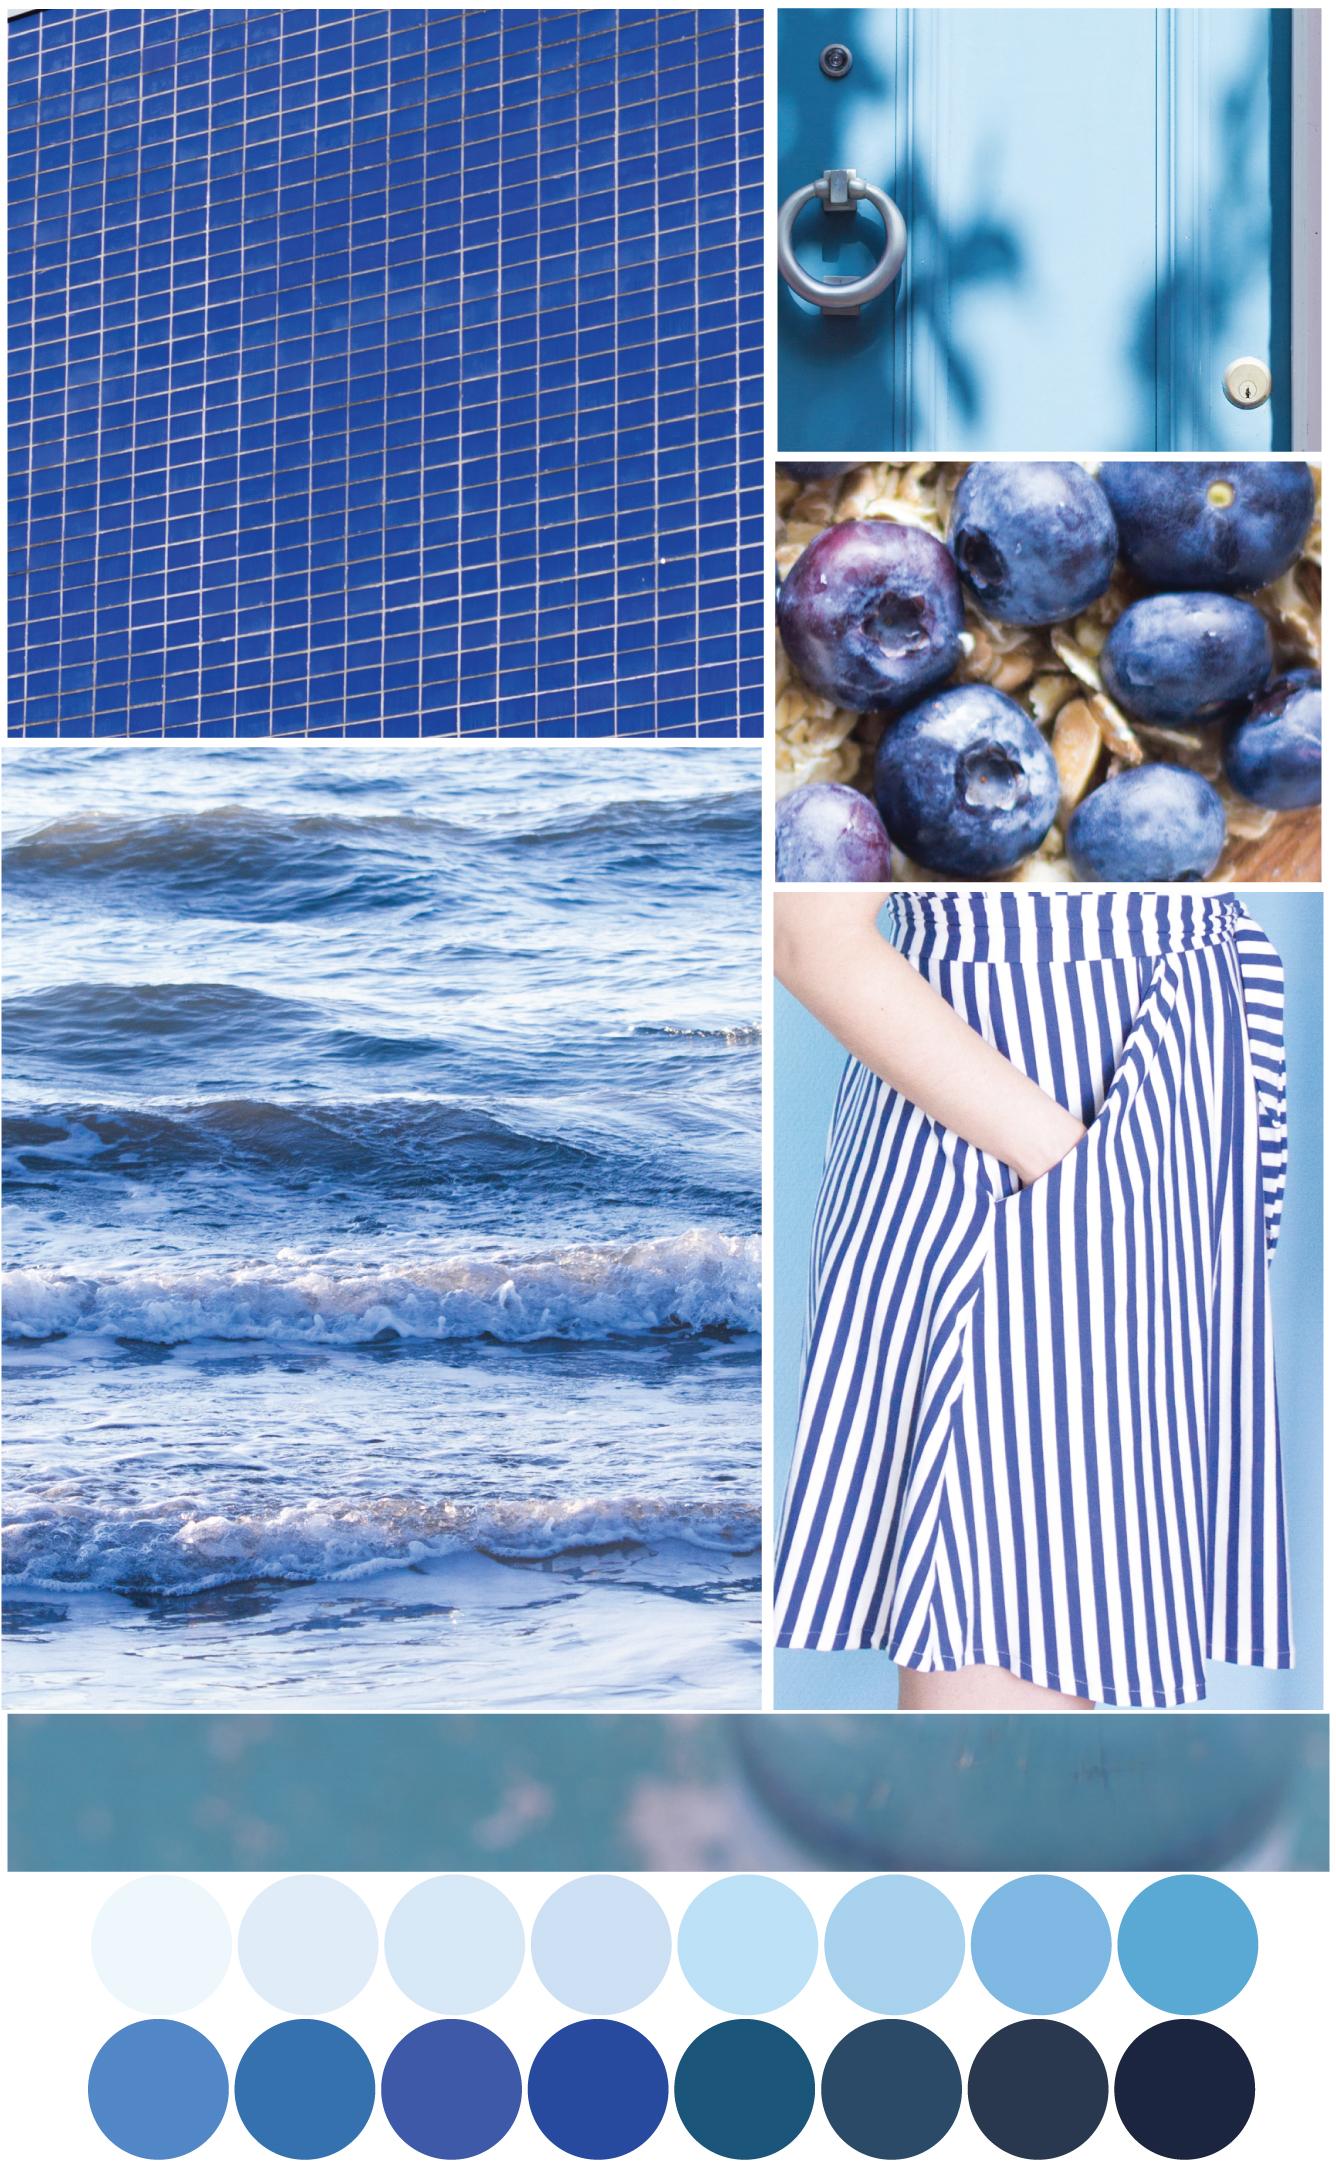 farbkombinationen mit blau blaue farbpaletten zur inspiration. Black Bedroom Furniture Sets. Home Design Ideas